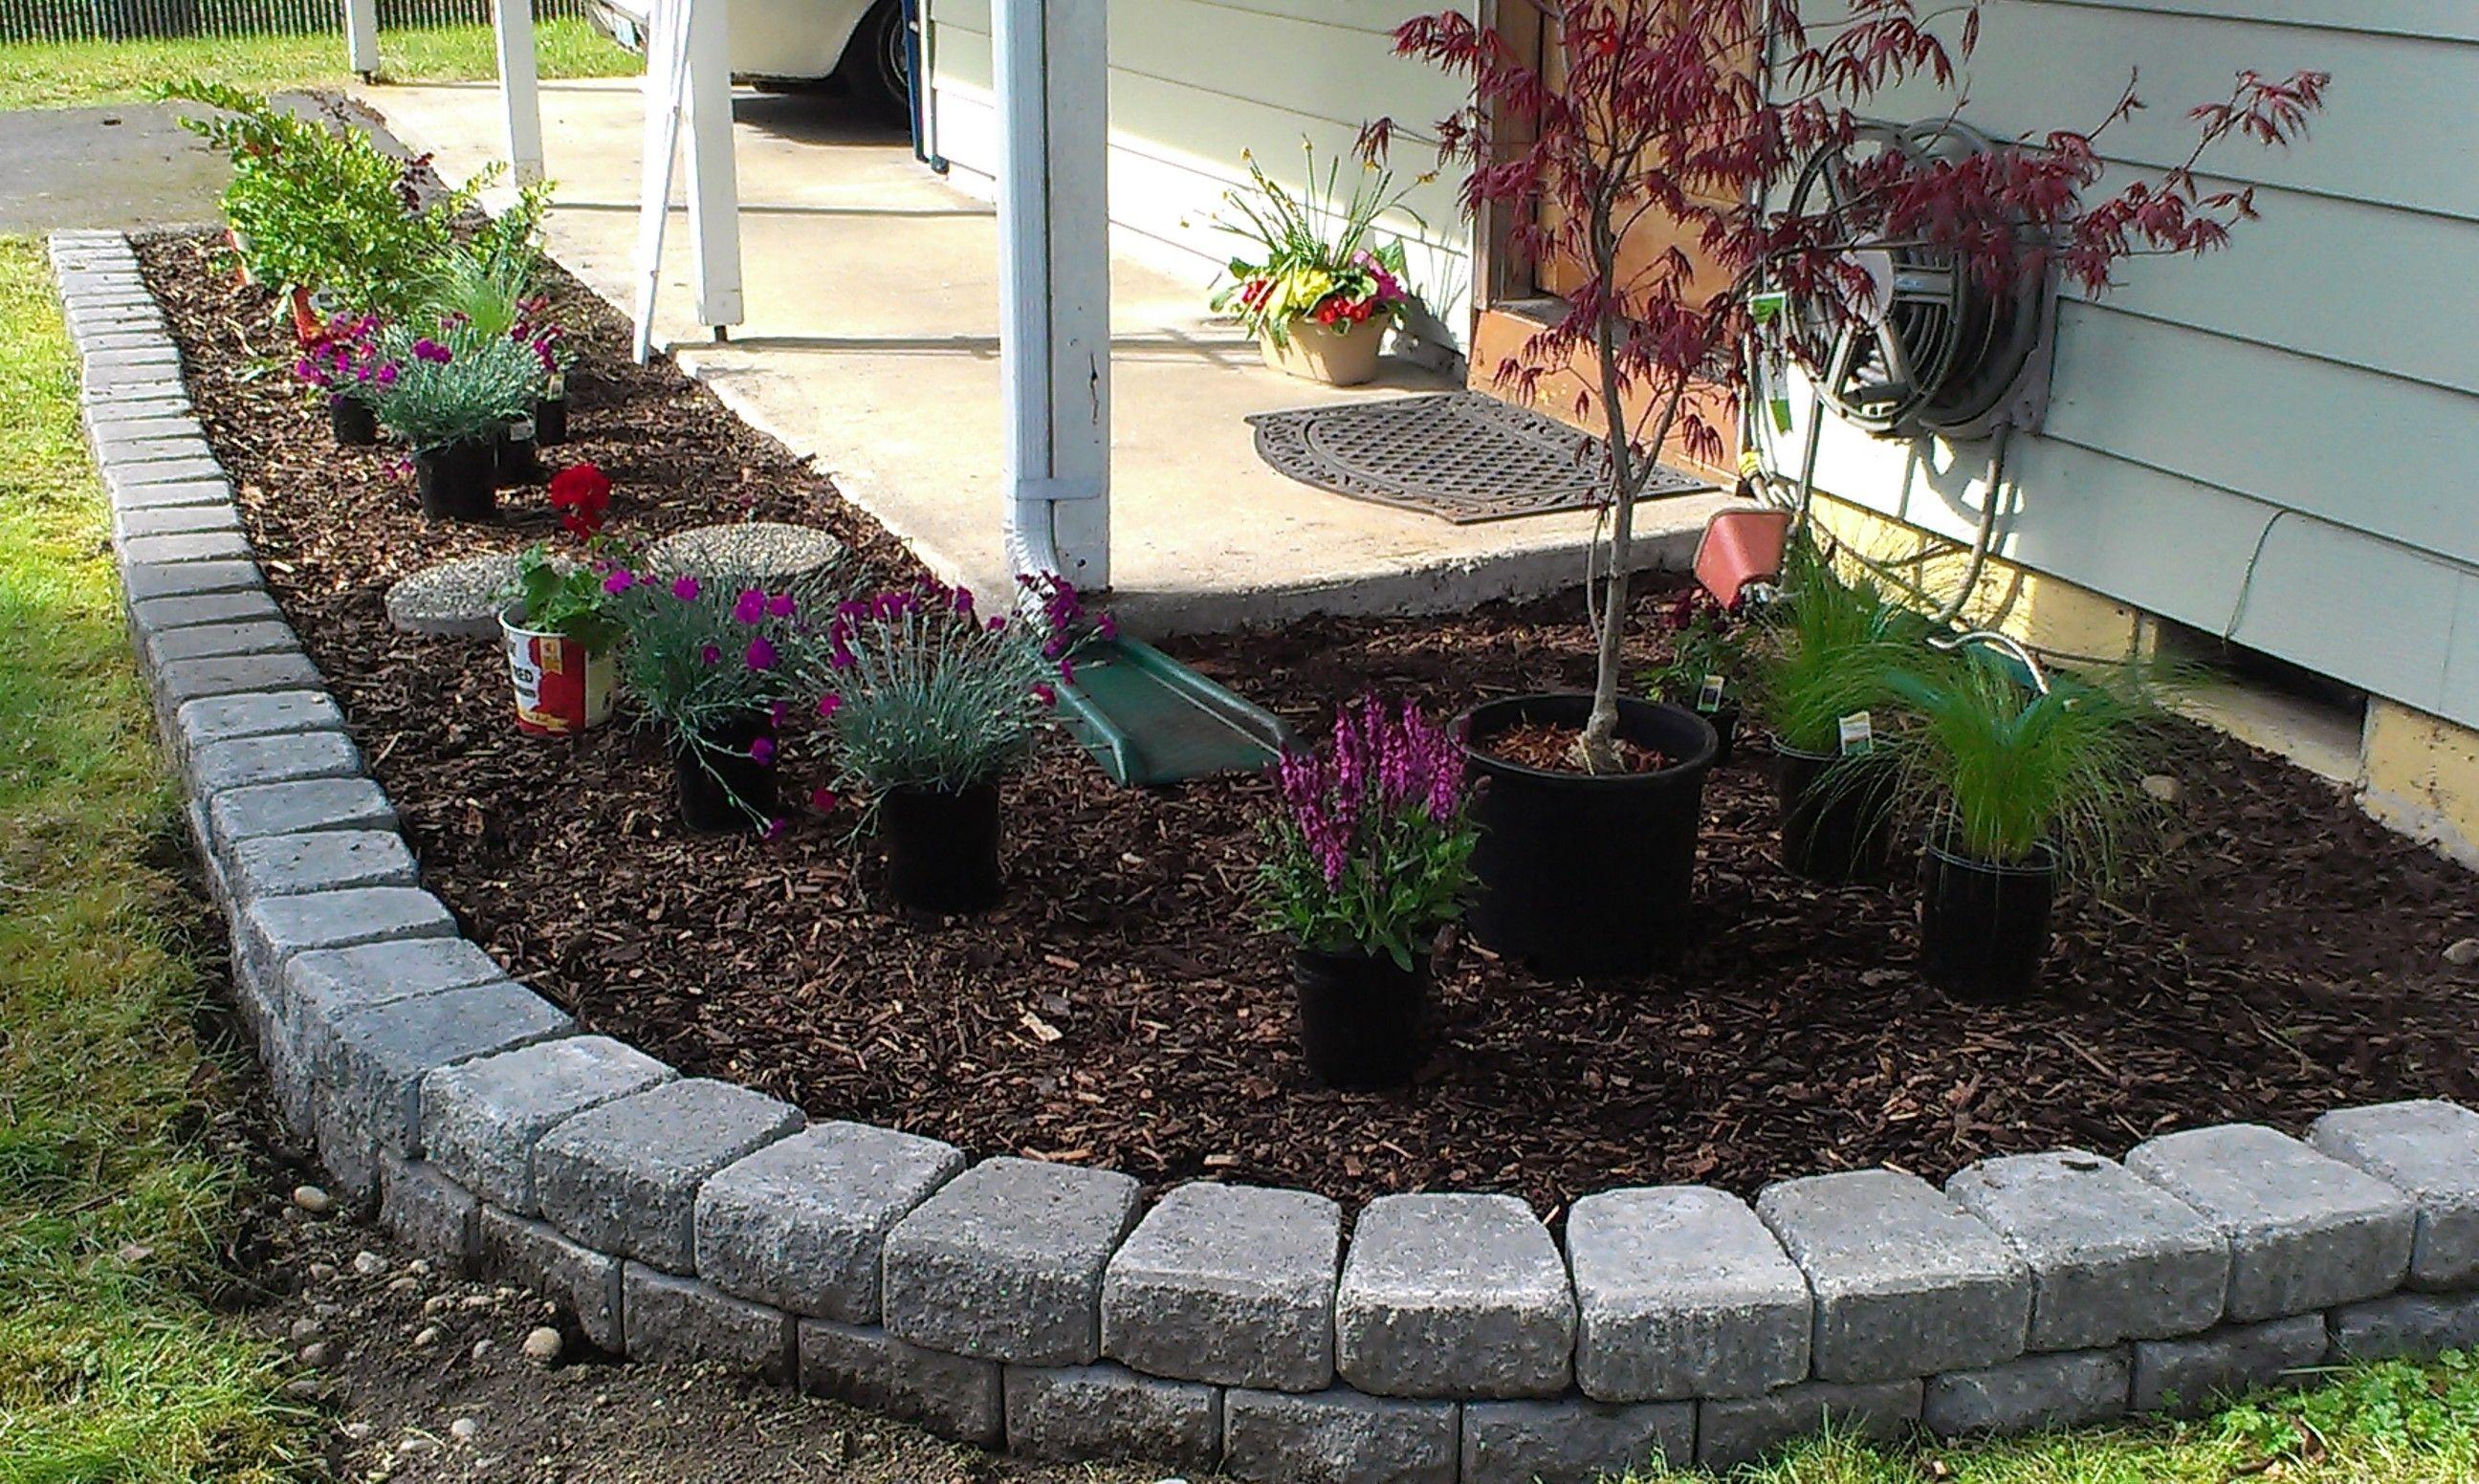 Landscaping Bricks For Bricks For Landscaping Edge Bricks ...